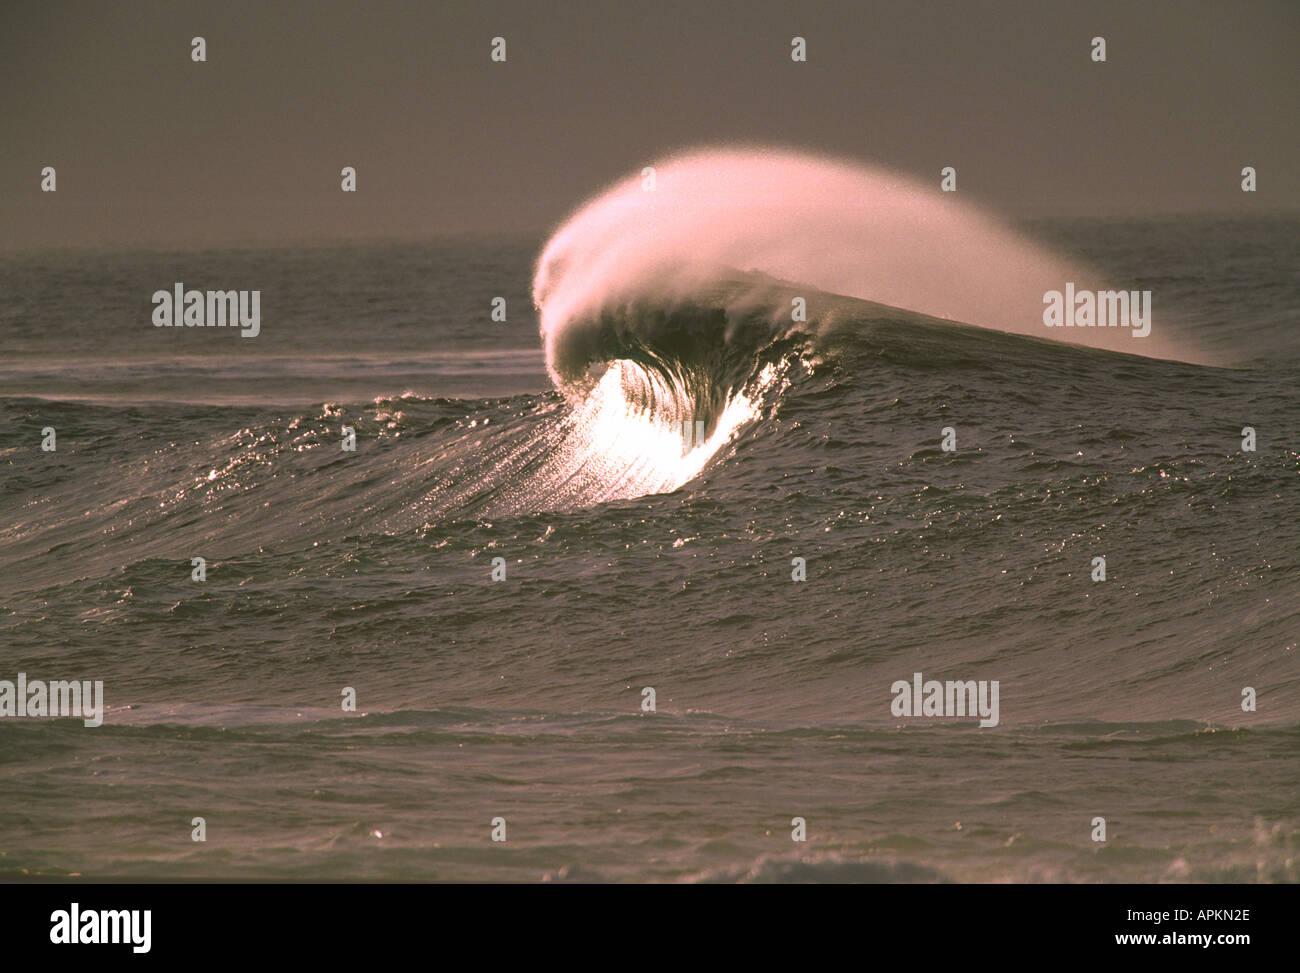 LA SANTA LANZAROTE CANARY ISLANDS - Stock Image